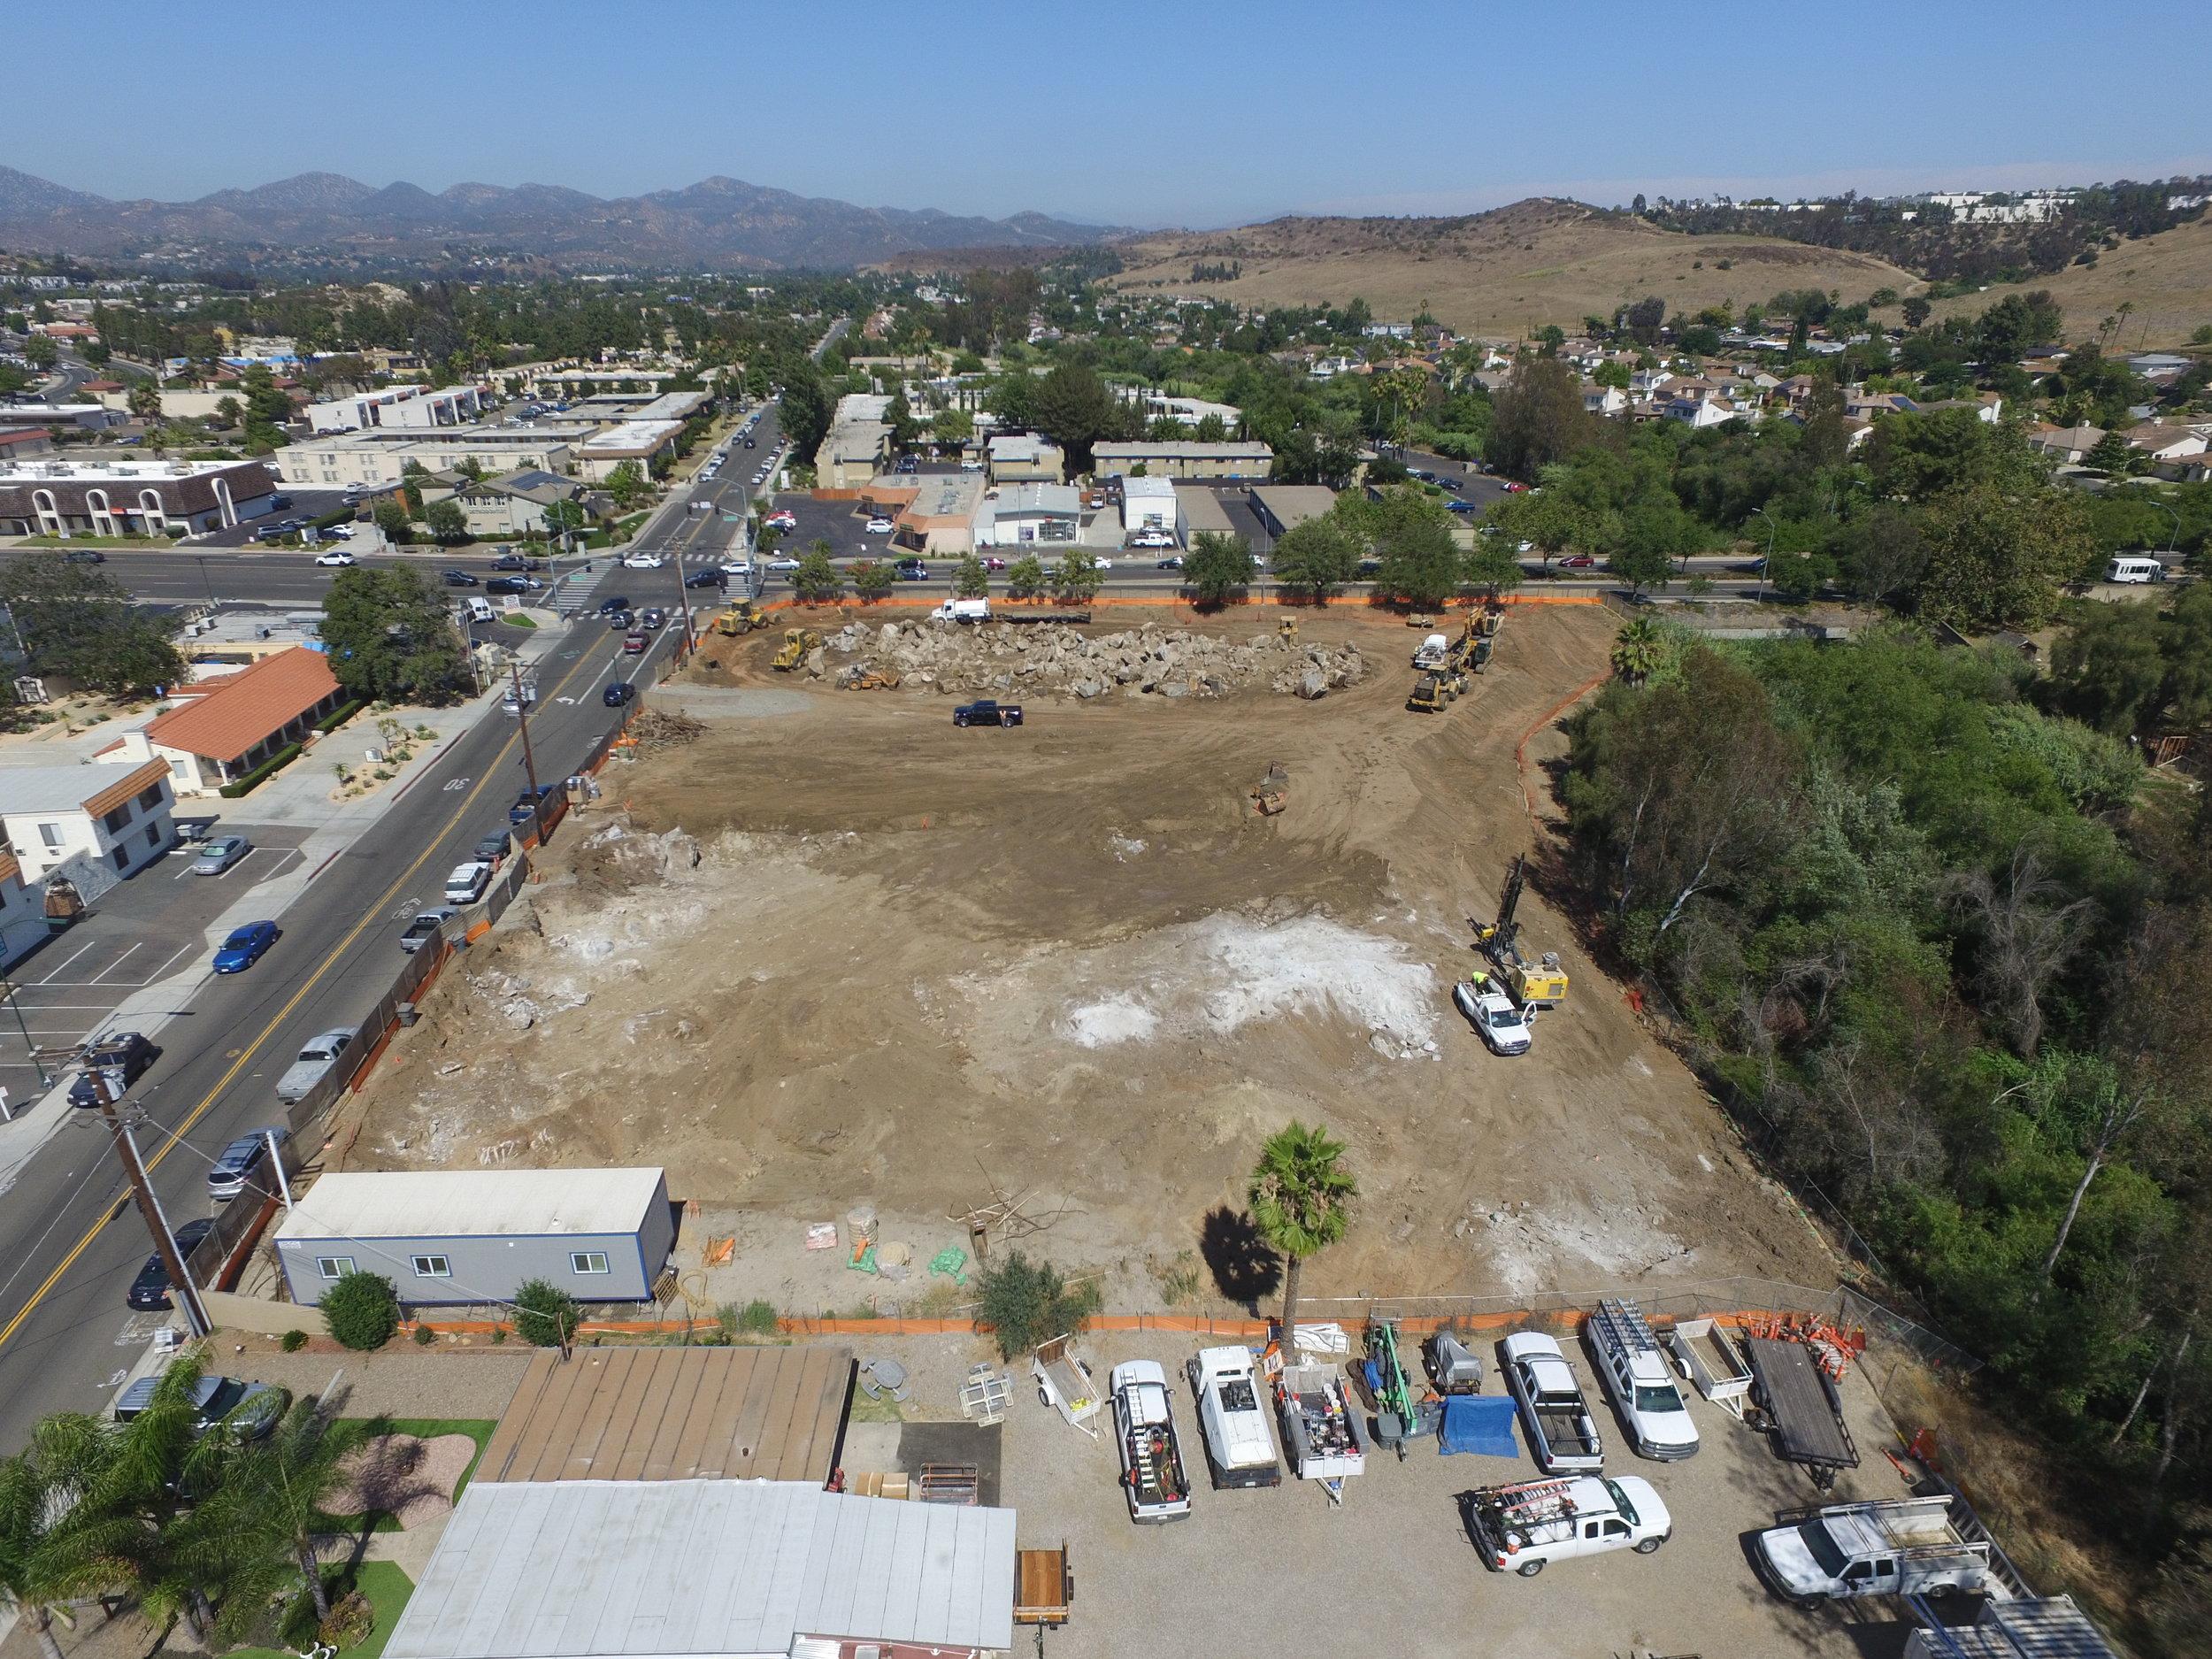 Drone photo of Villa de Vida Poway